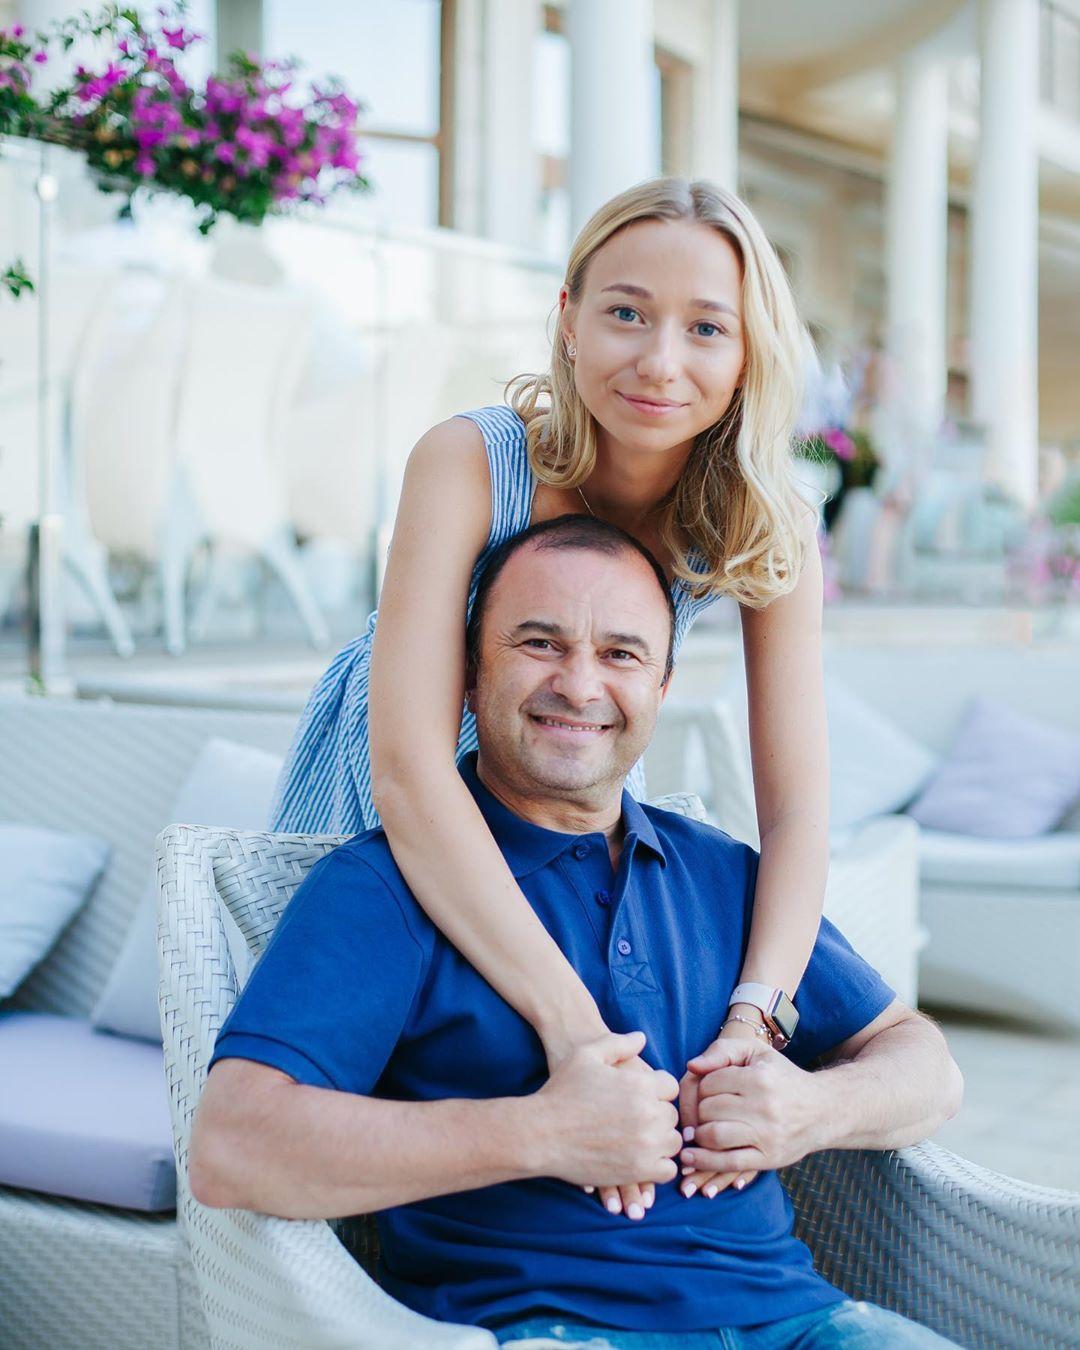 53-летний Виктор Павлик рассказал, хочет ли детей от своей юной возлюбленной